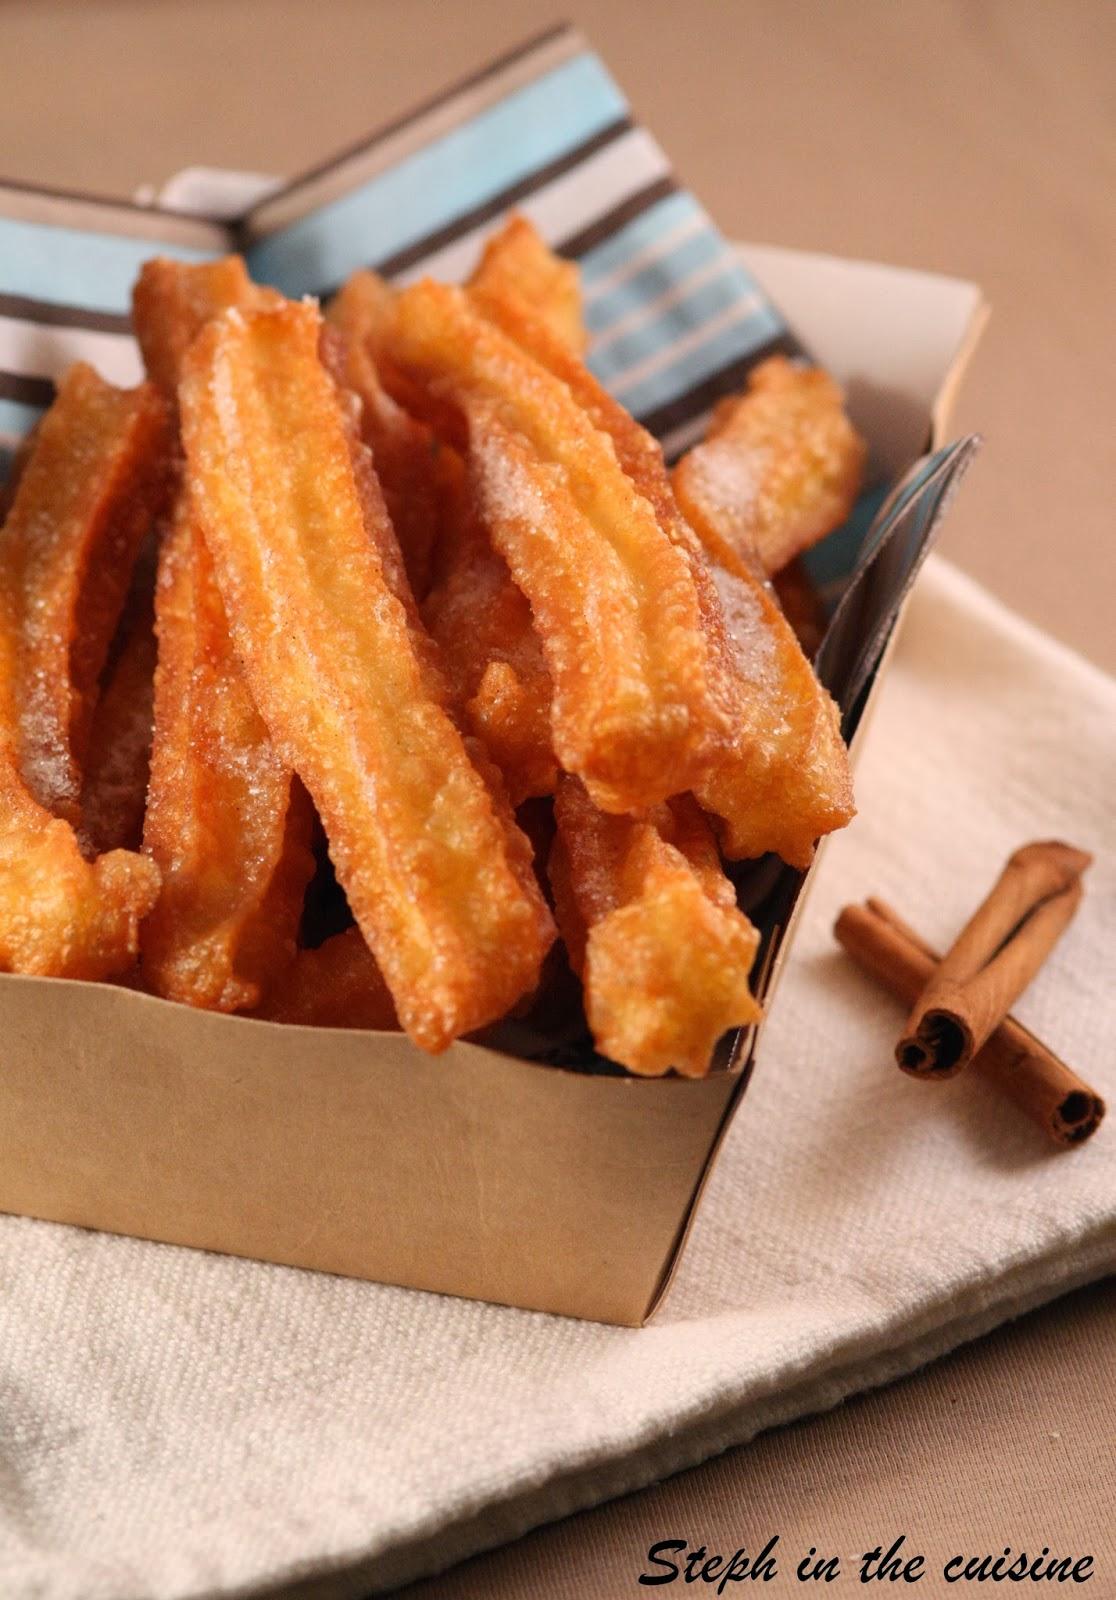 Recette Churros De Fete Foraine steph in the cuisine: churros à la cannelle